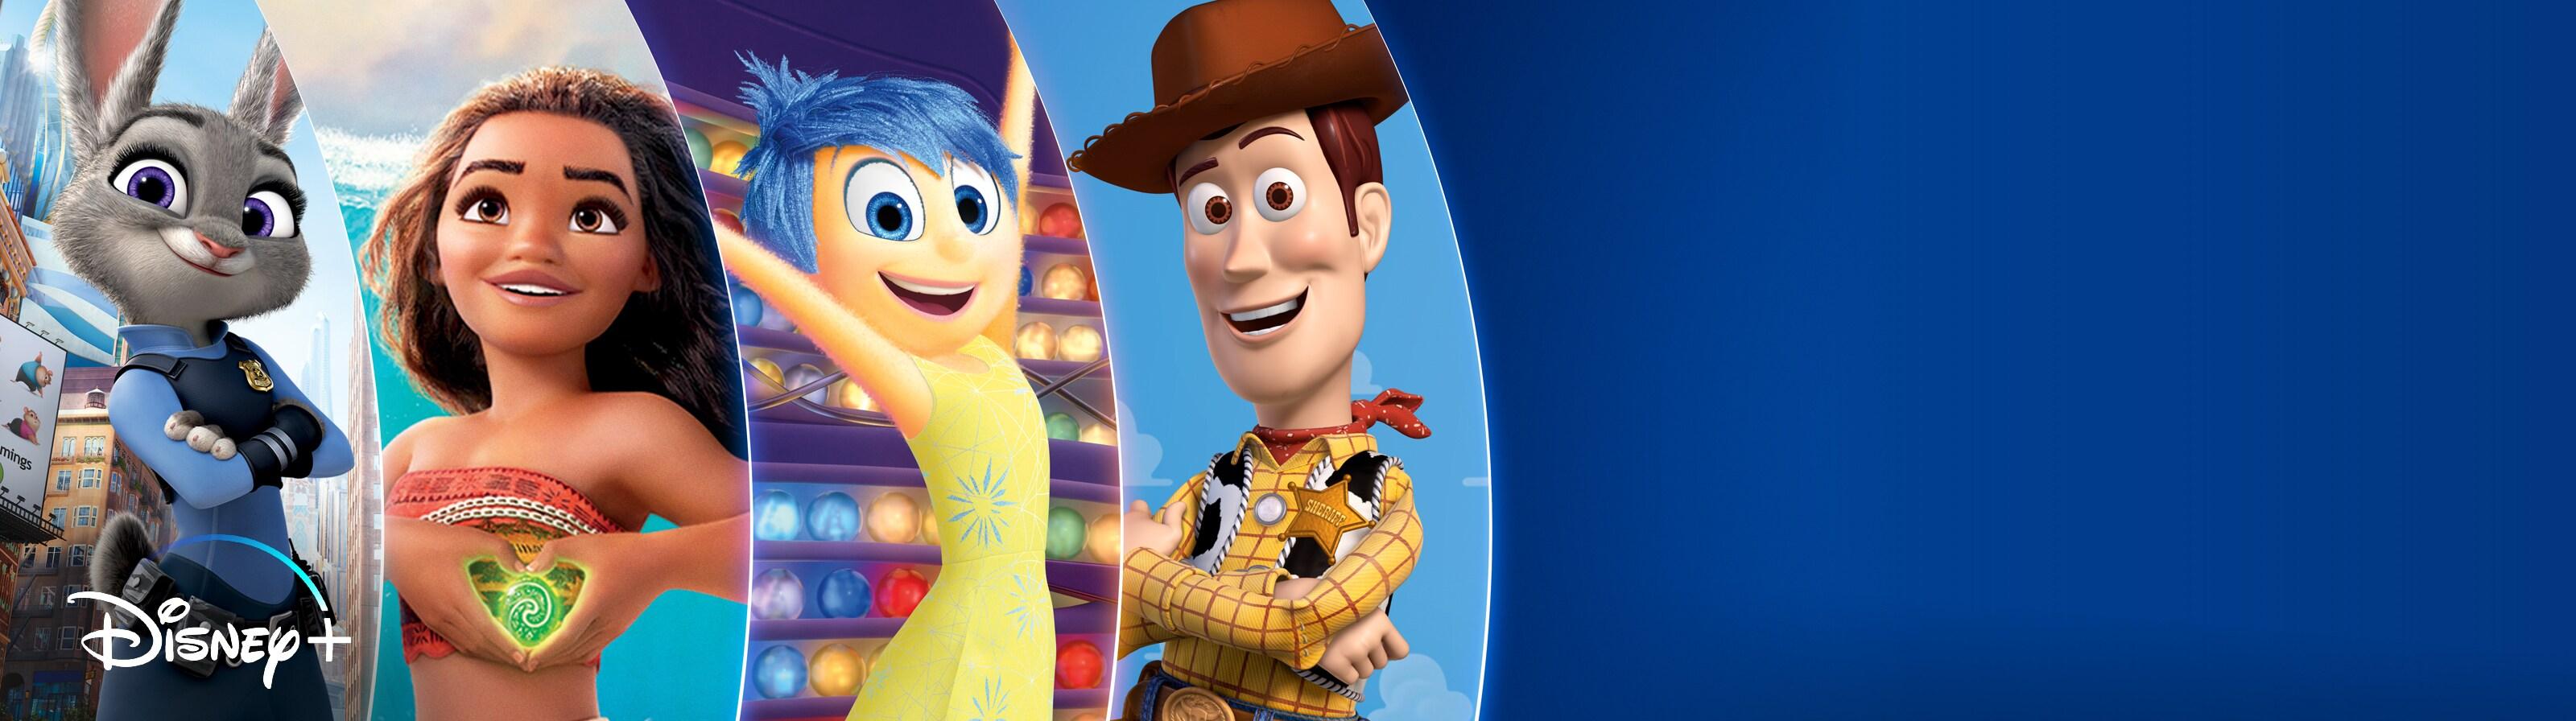 AU - ContentBanner - DisneyPlus - Disney and Pixar Favourites